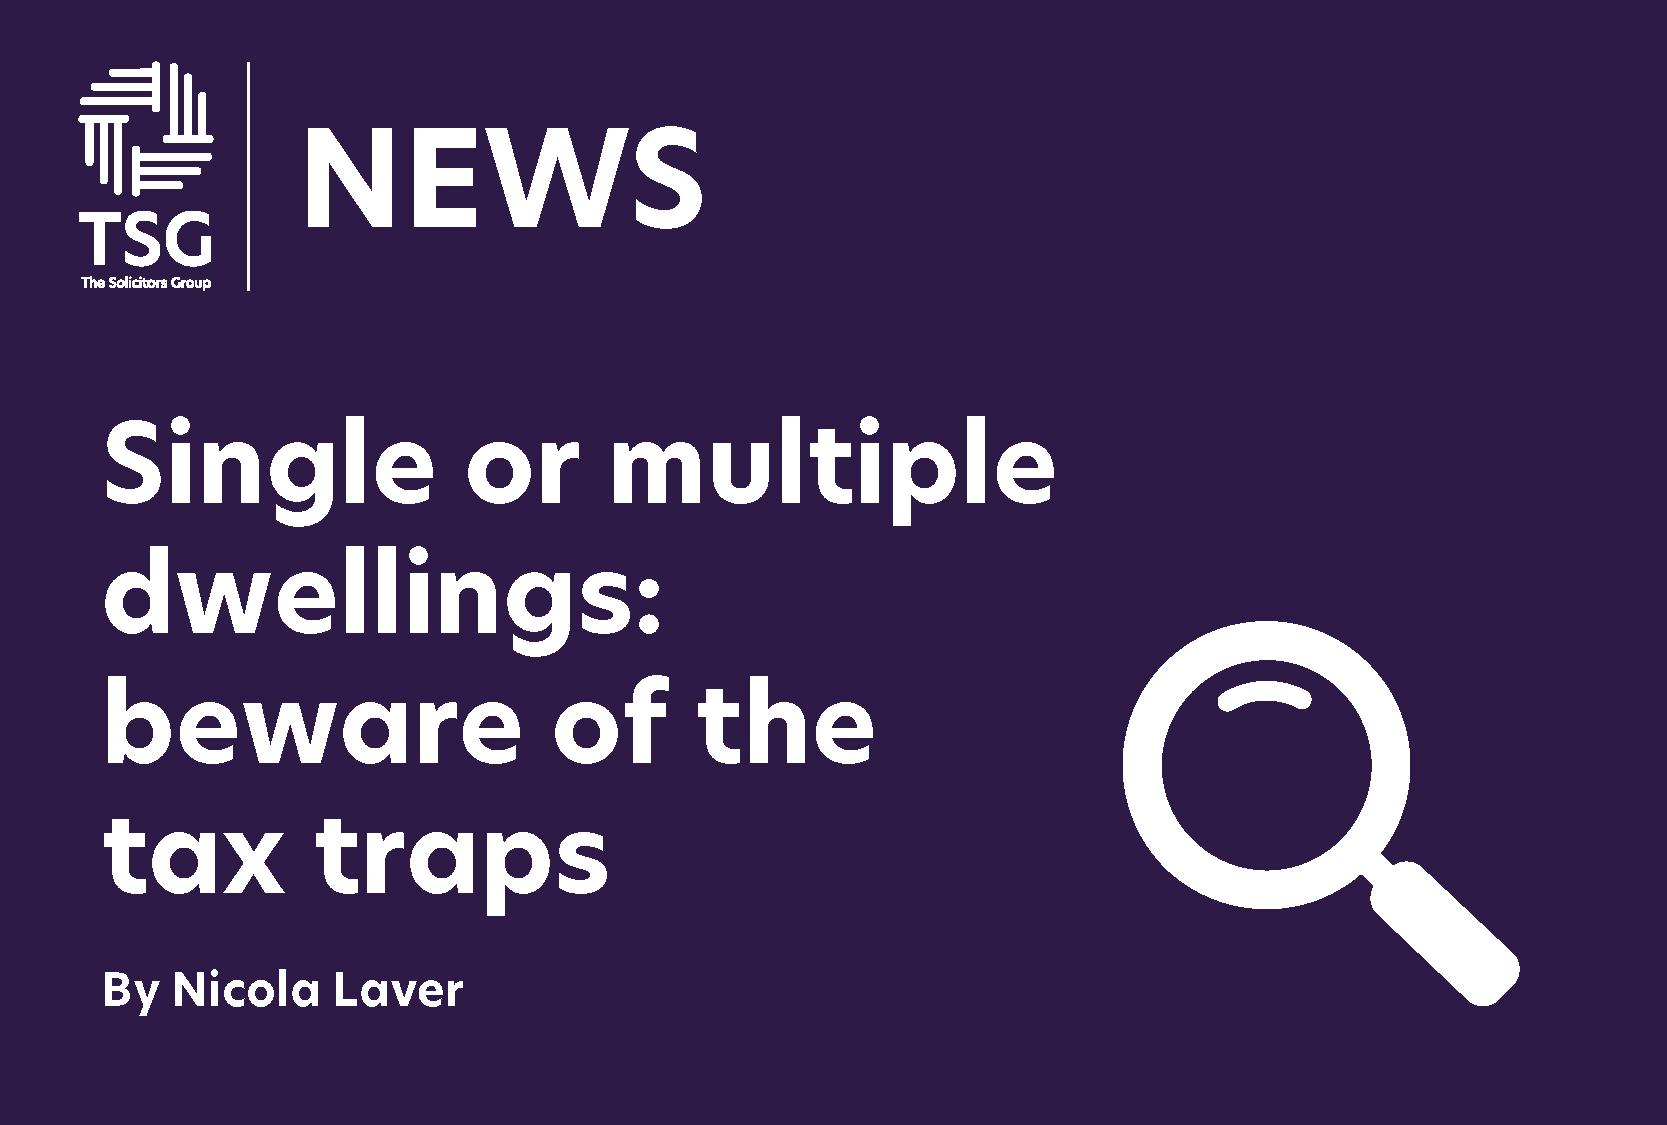 Dwellings tax traps